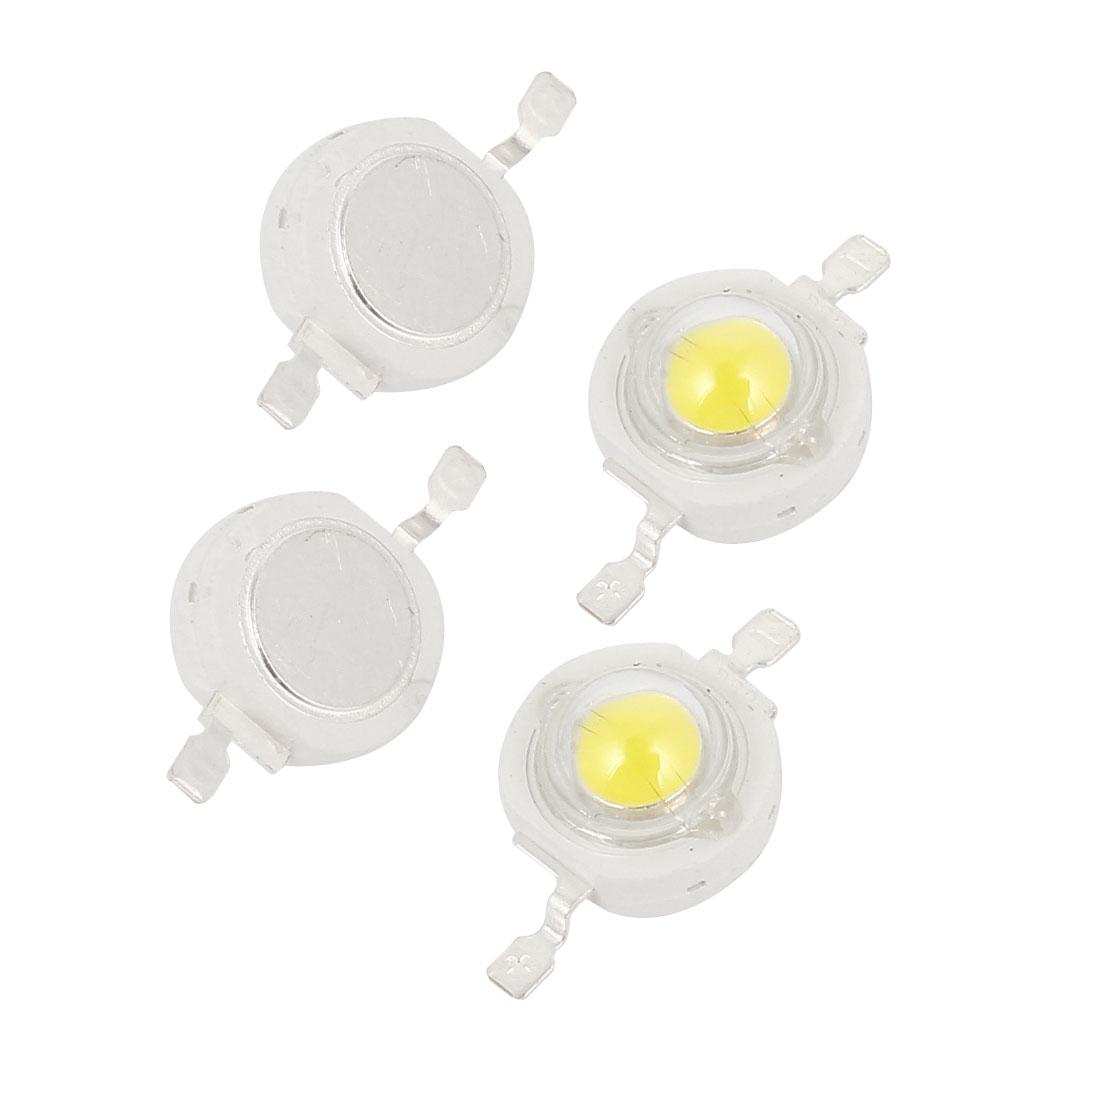 4pcs 5W Power White LED Light Bulb Bead Emitter 290-300LM 3.0-4.0V